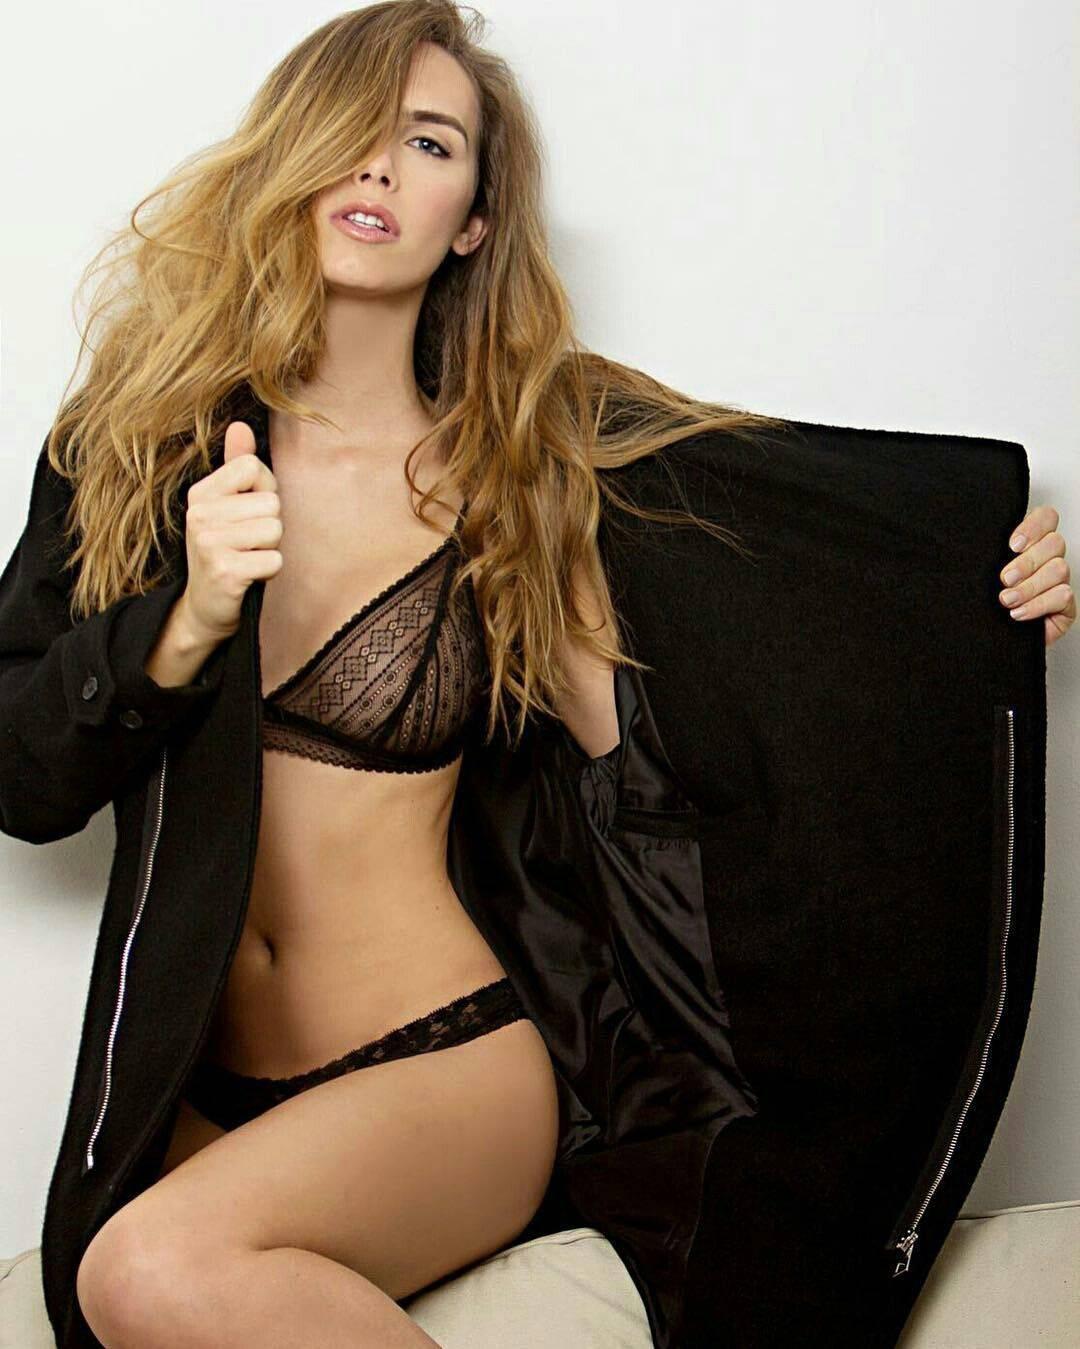 Nhan sắc rực rỡ của Hoa hậu chuyển giới đầu tiên trong lịch sử tham gia Miss Universe - Ảnh 4.